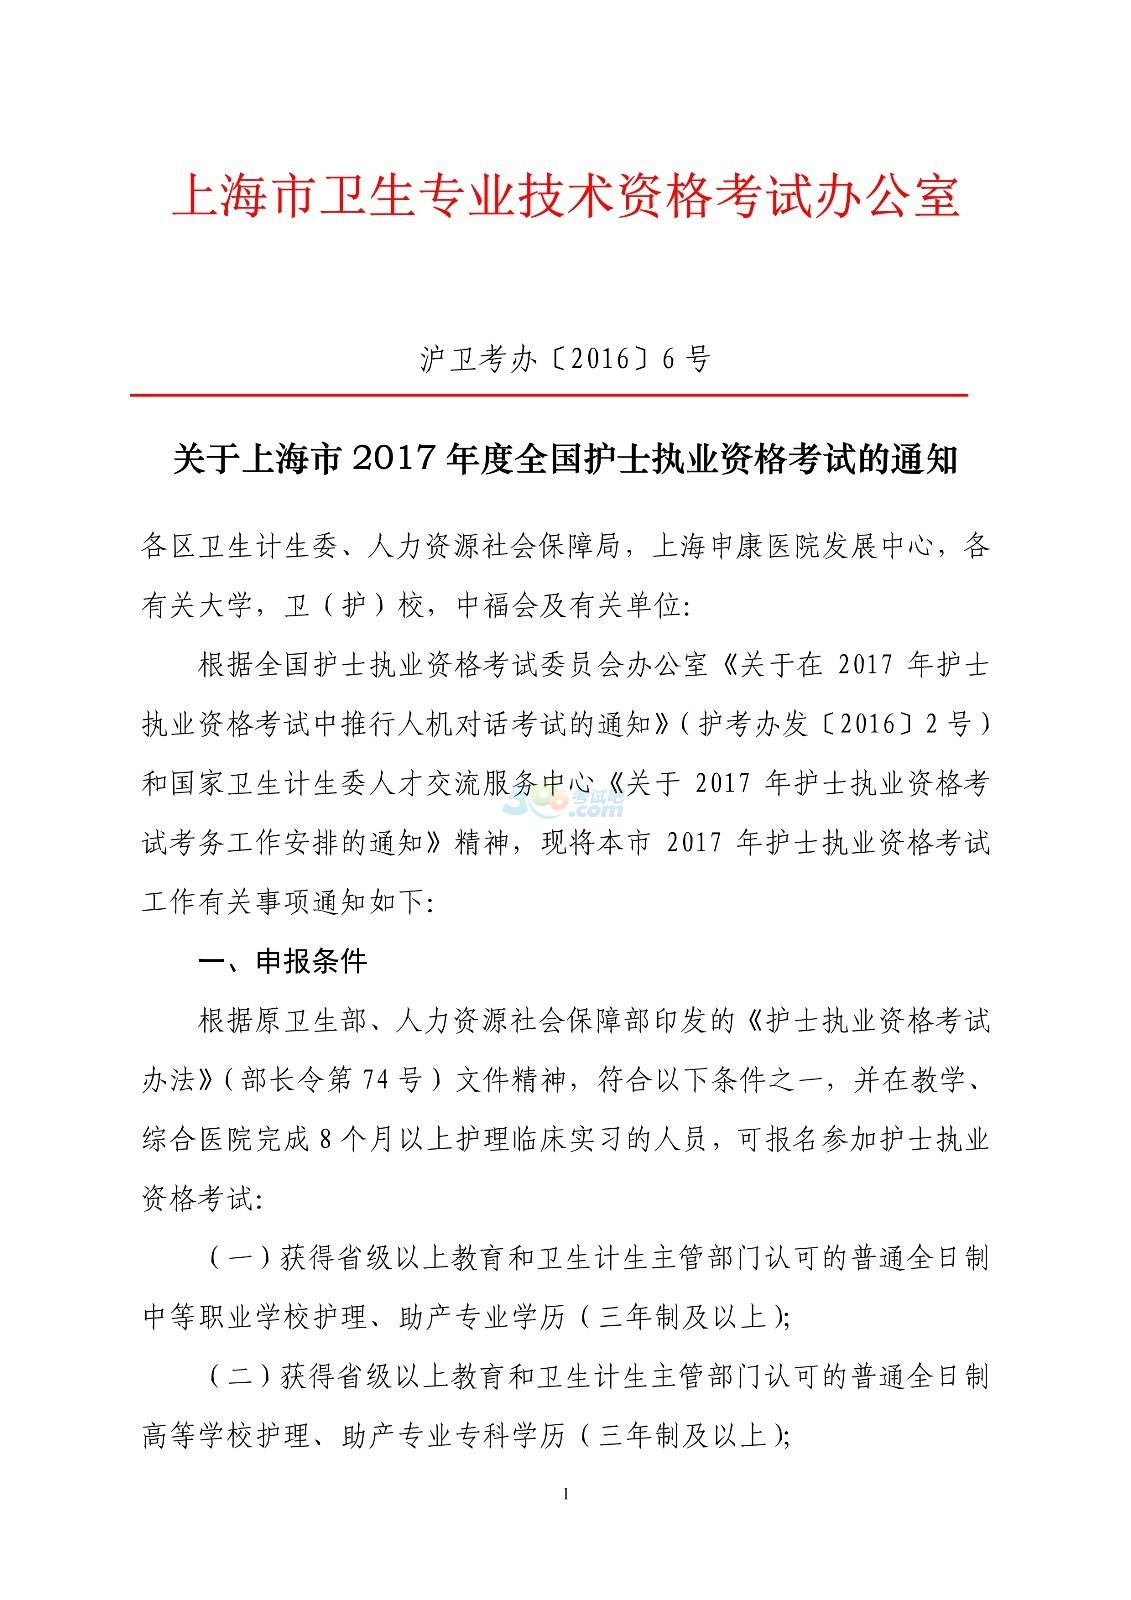 2017年陕西护士执业资格考试教材(考试用书)-执业护士-考试吧